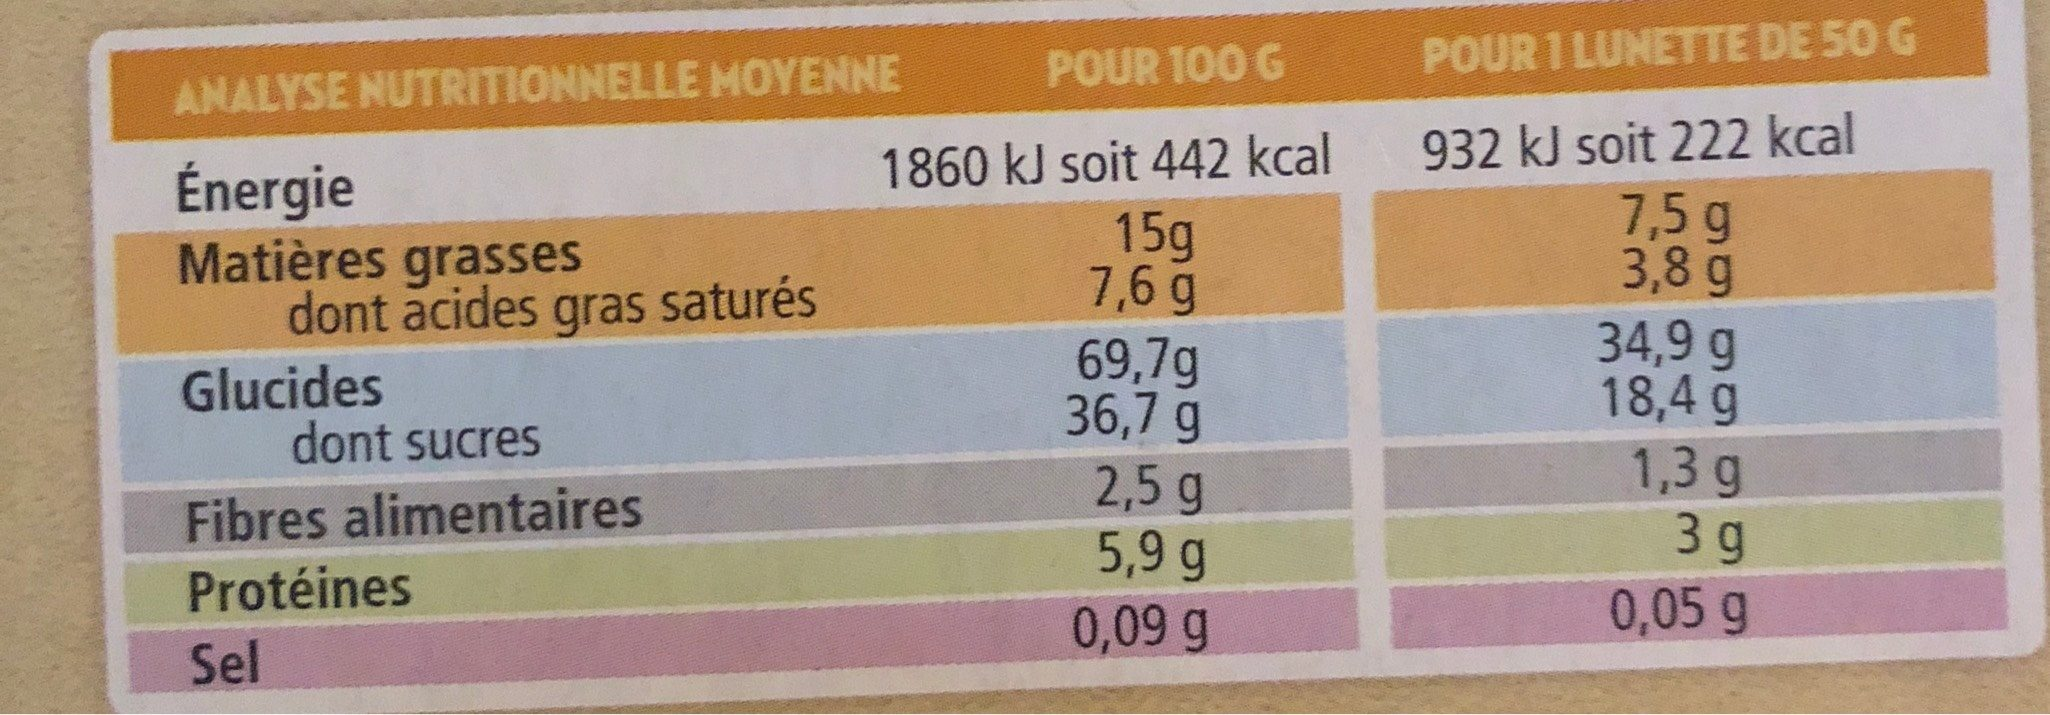 Lunettes à la Myrtille - Valori nutrizionali - fr